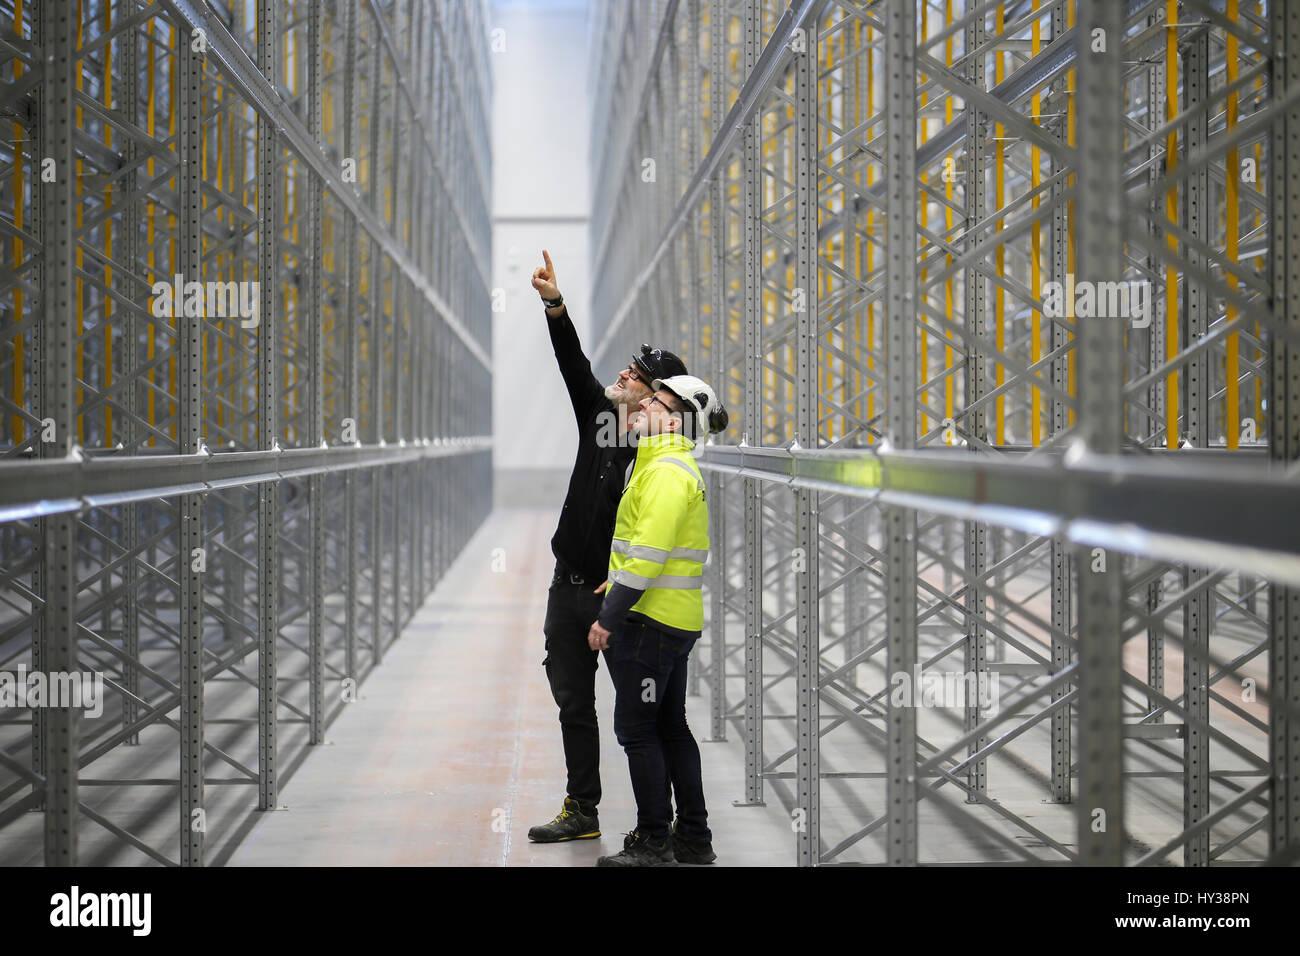 Schweden, reife Männer auf Baustelle Stockfoto